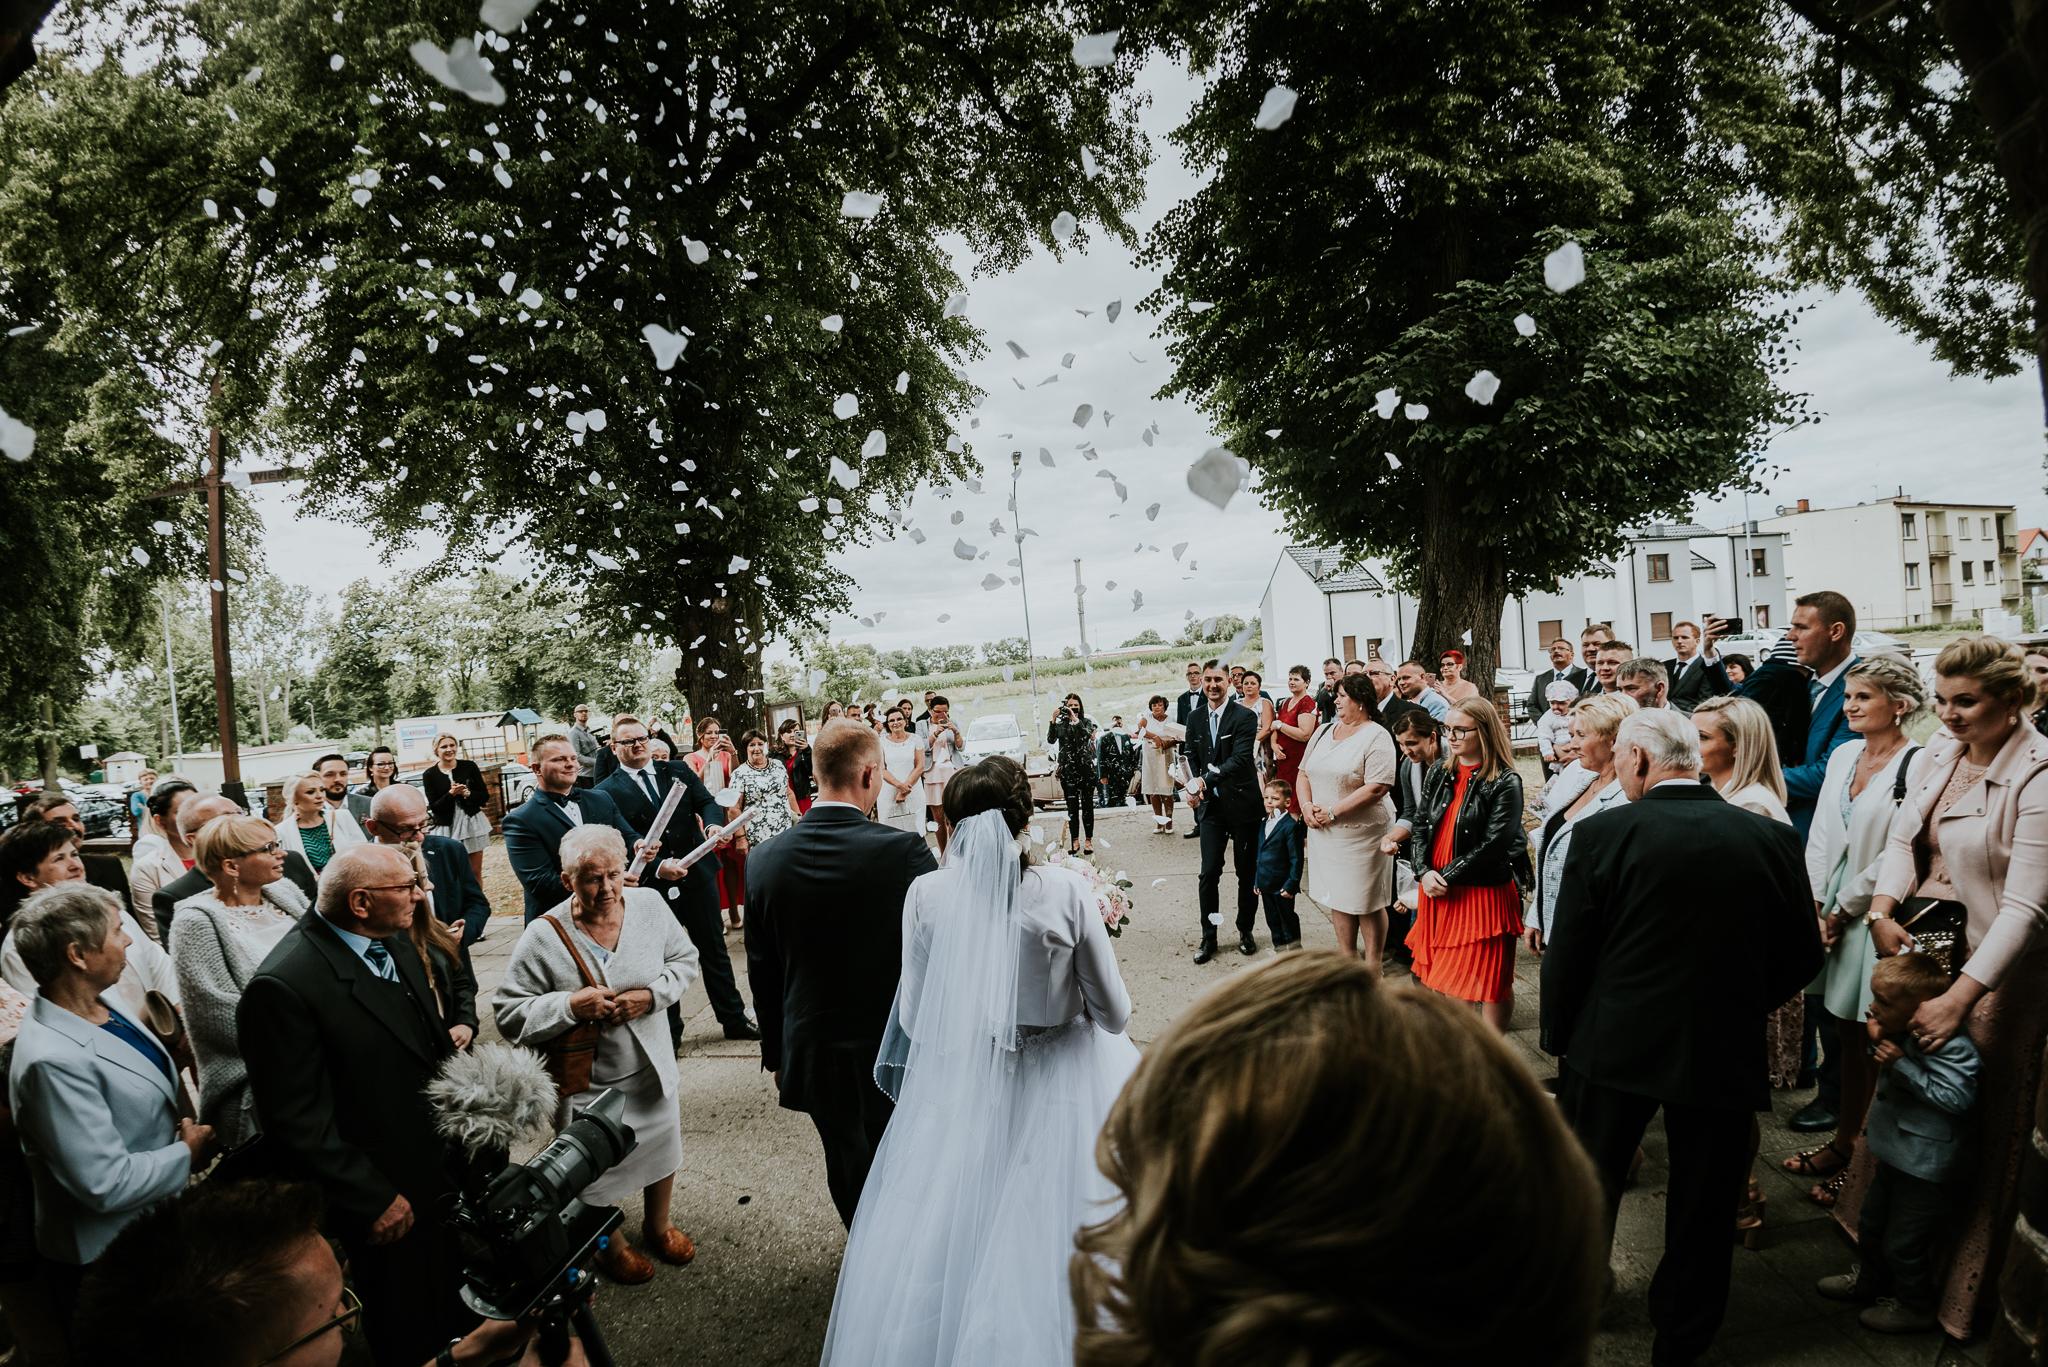 0415_Kamila&Dawid________fotoreportaz_ze_slubu_kotlin_wesela_jaraczewo_sala_glinkowscy__fotografia_slubna_www_amfoto_pl_AMF_1204.jpg